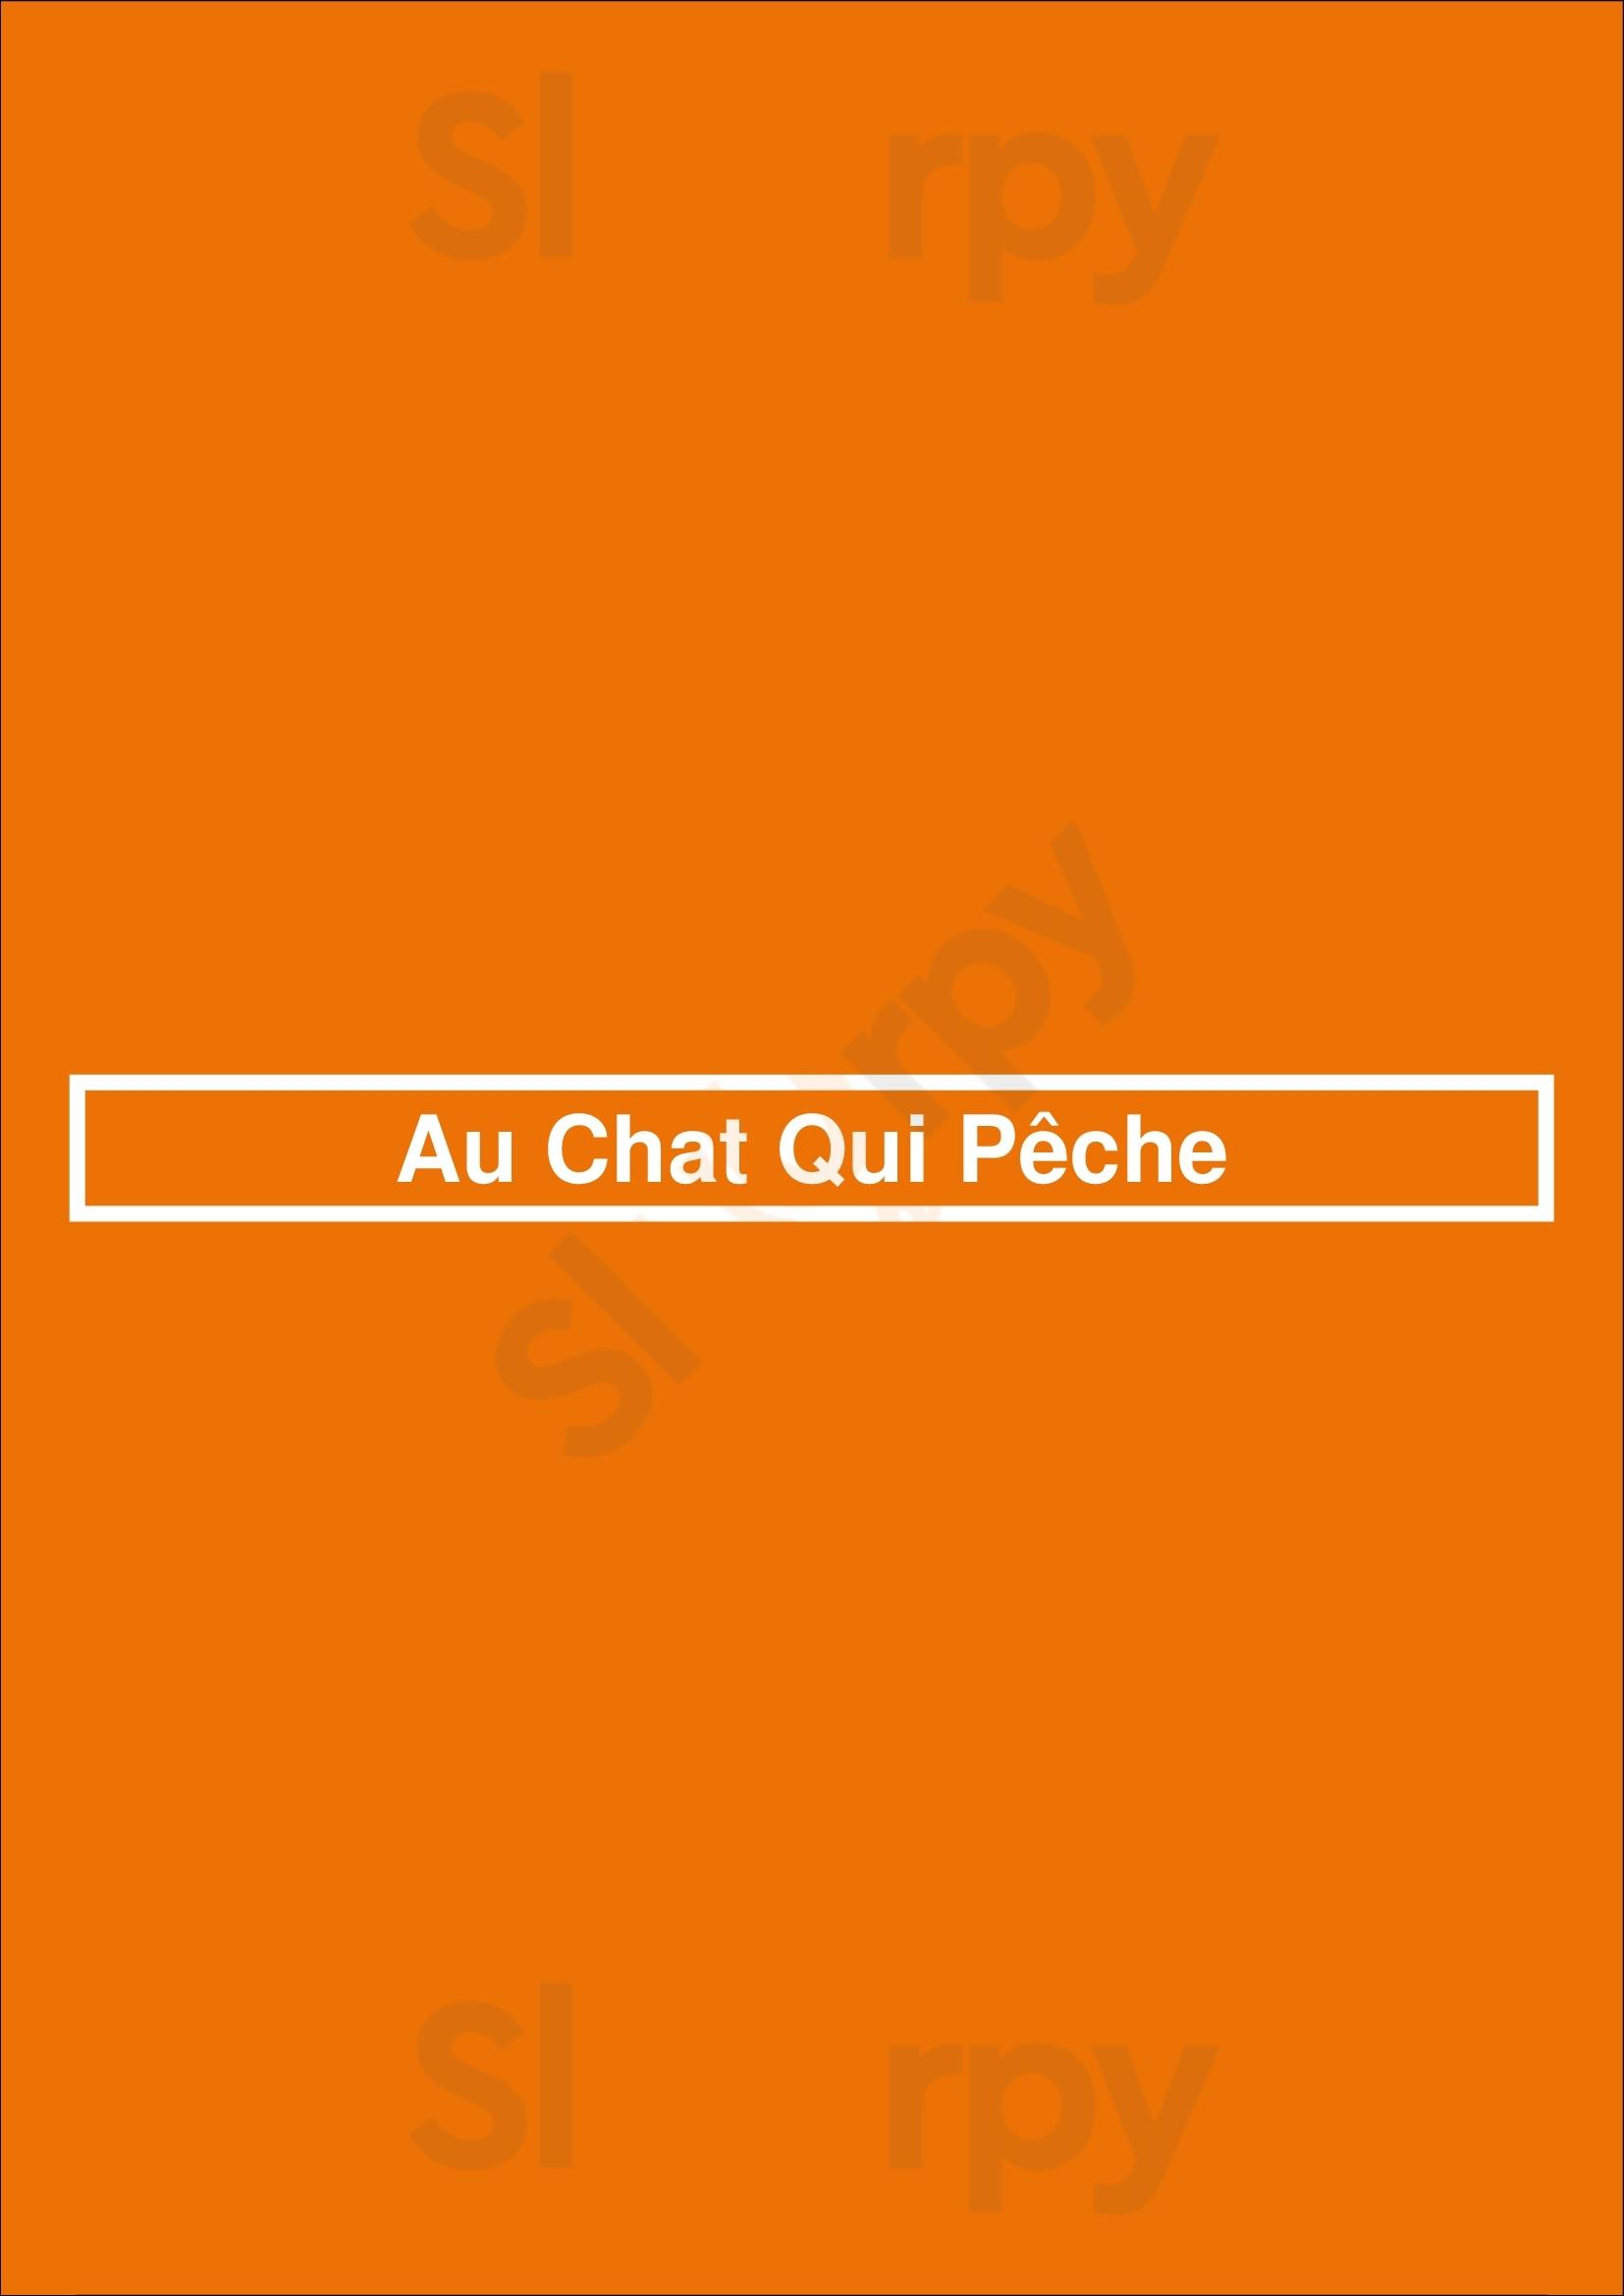 Au Chat Qui Pêche Paris Menu - 1